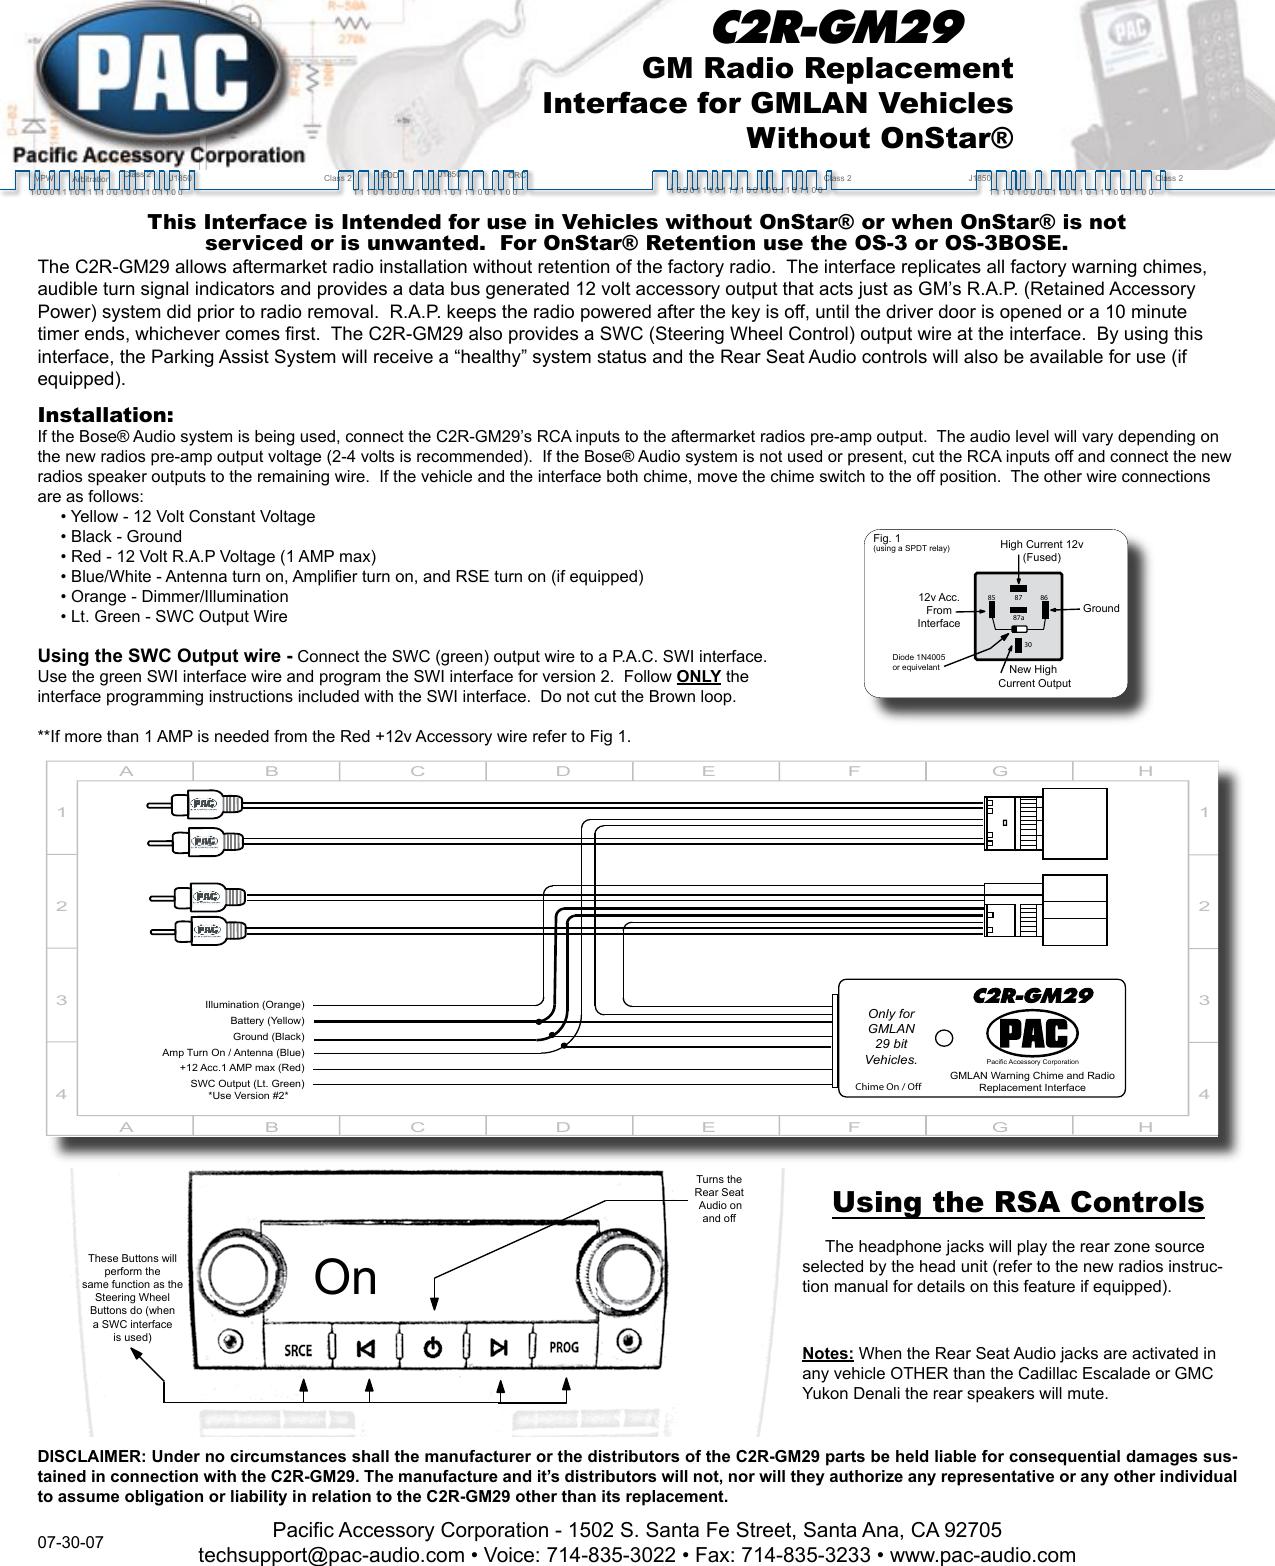 Pac C2r Gm29 User Manual To The D27a34b8 05c3 4e8a B2e5 586c8200e67a Hhr Onstar Wiring Diagram